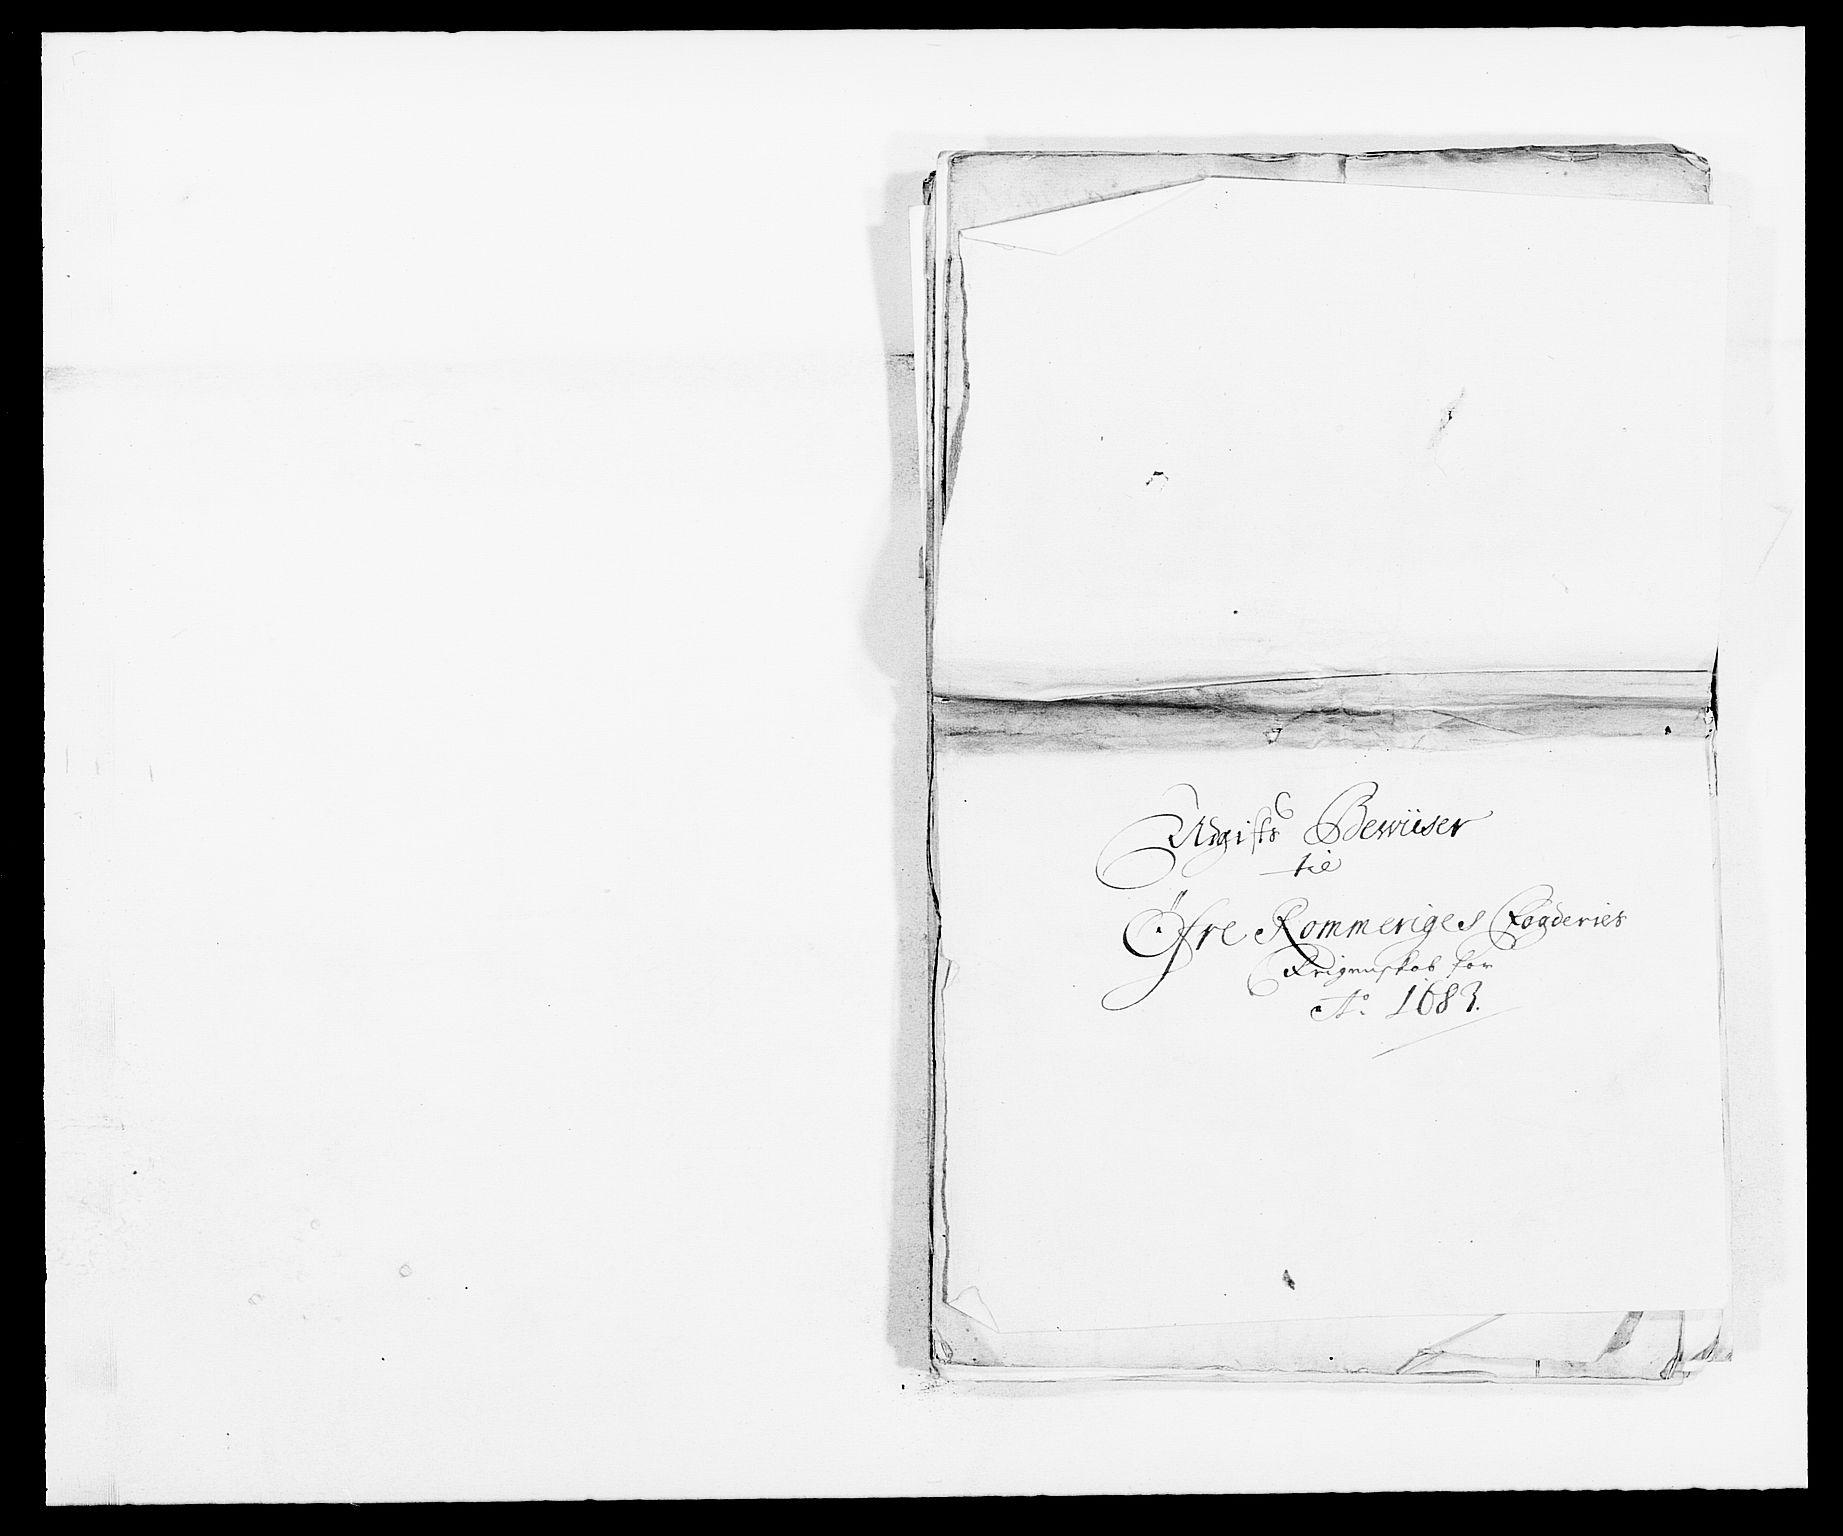 RA, Rentekammeret inntil 1814, Reviderte regnskaper, Fogderegnskap, R12/L0697: Fogderegnskap Øvre Romerike, 1682-1683, s. 381